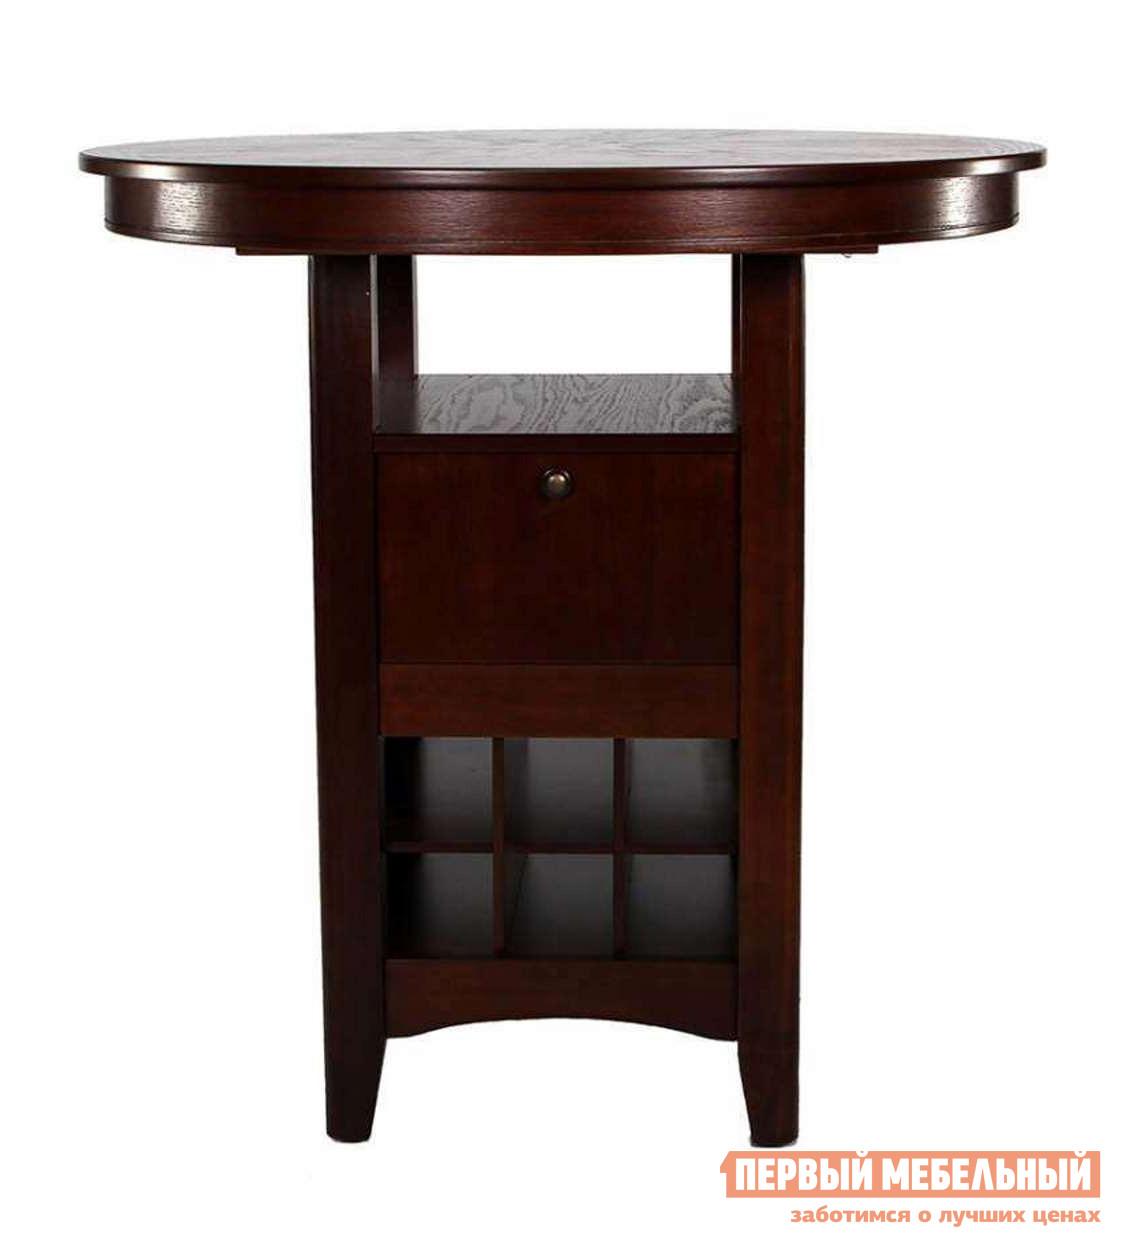 Барный стол МИК Мебель MK-1106-HG Темный орехБарные столы<br>Габаритные размеры ВхШхГ 1080x1070x1070 мм. Стильный высокий обеденный стол.  Материал исполнения — натуральное дерево и темный насыщенный оттенок стола наполнят уютом и теплом комнату.  Такой стол — прекрасное дополнение как в квартире, так и в загородном доме. Стол функционален: под столешницей располагается полочка, закрытый шкафчик и ниши для бутылок.  Отличный элемент для барной зоны. Изготавливается из массива гевеи.<br><br>Цвет: Темный орех<br>Цвет: Венге<br>Высота мм: 1080<br>Ширина мм: 1070<br>Глубина мм: 1070<br>Форма поставки: В разобранном виде<br>Срок гарантии: 12 месяцев<br>Материал: Из натурального дерева<br>Особенности: С ящиками